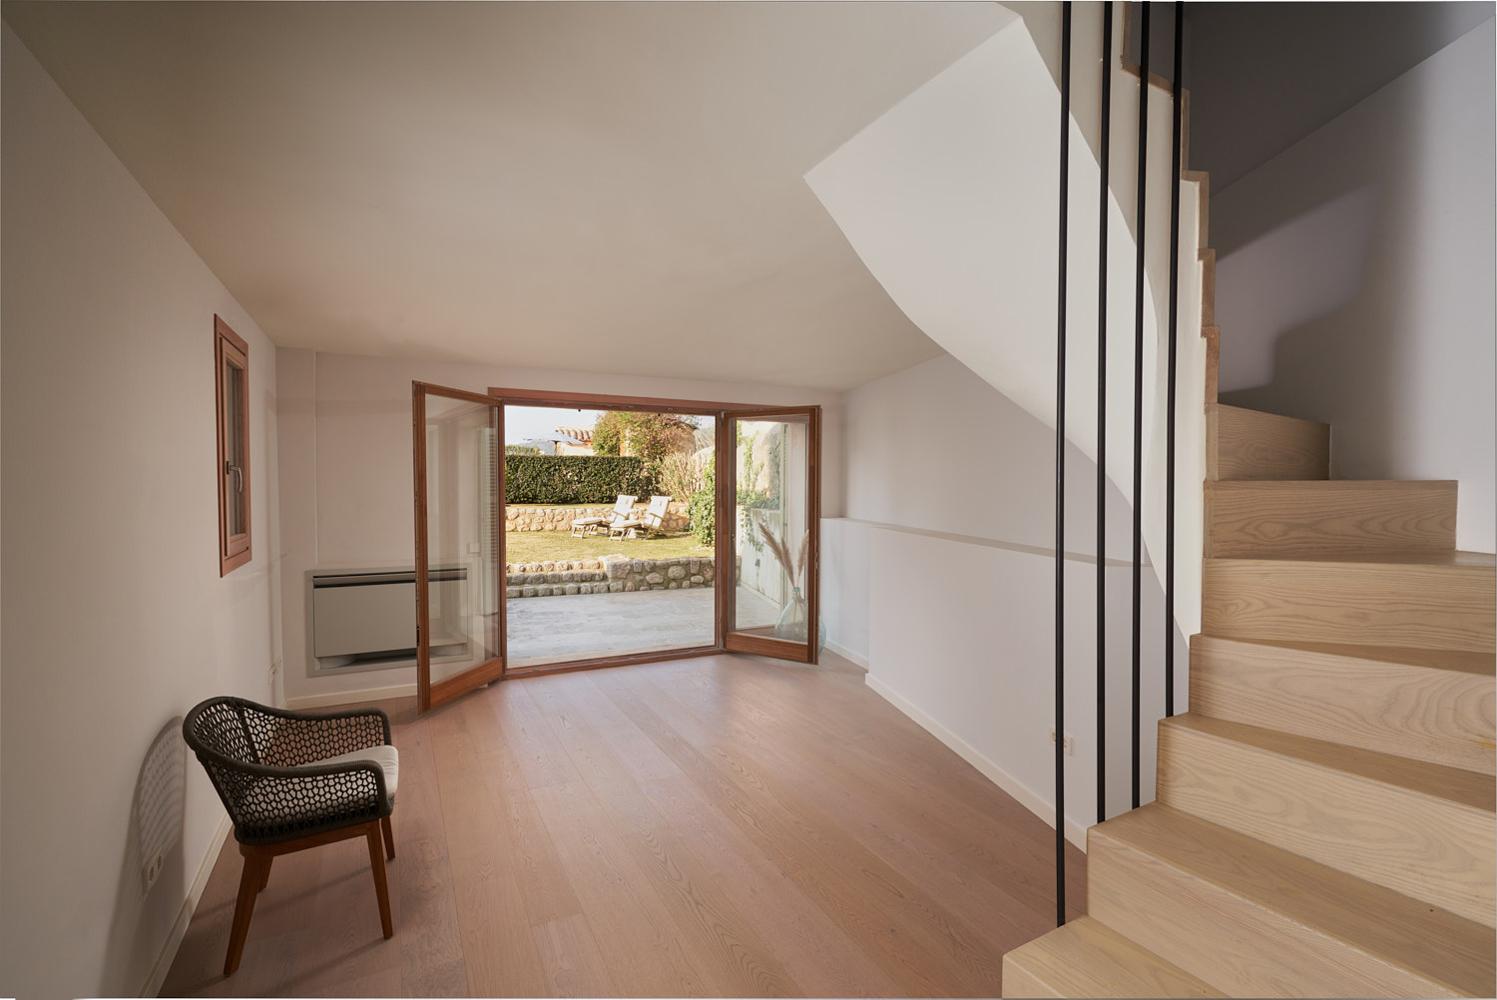 Imágenes de la propiedad inmobiliaria de Único y listo para entrar a vivir...